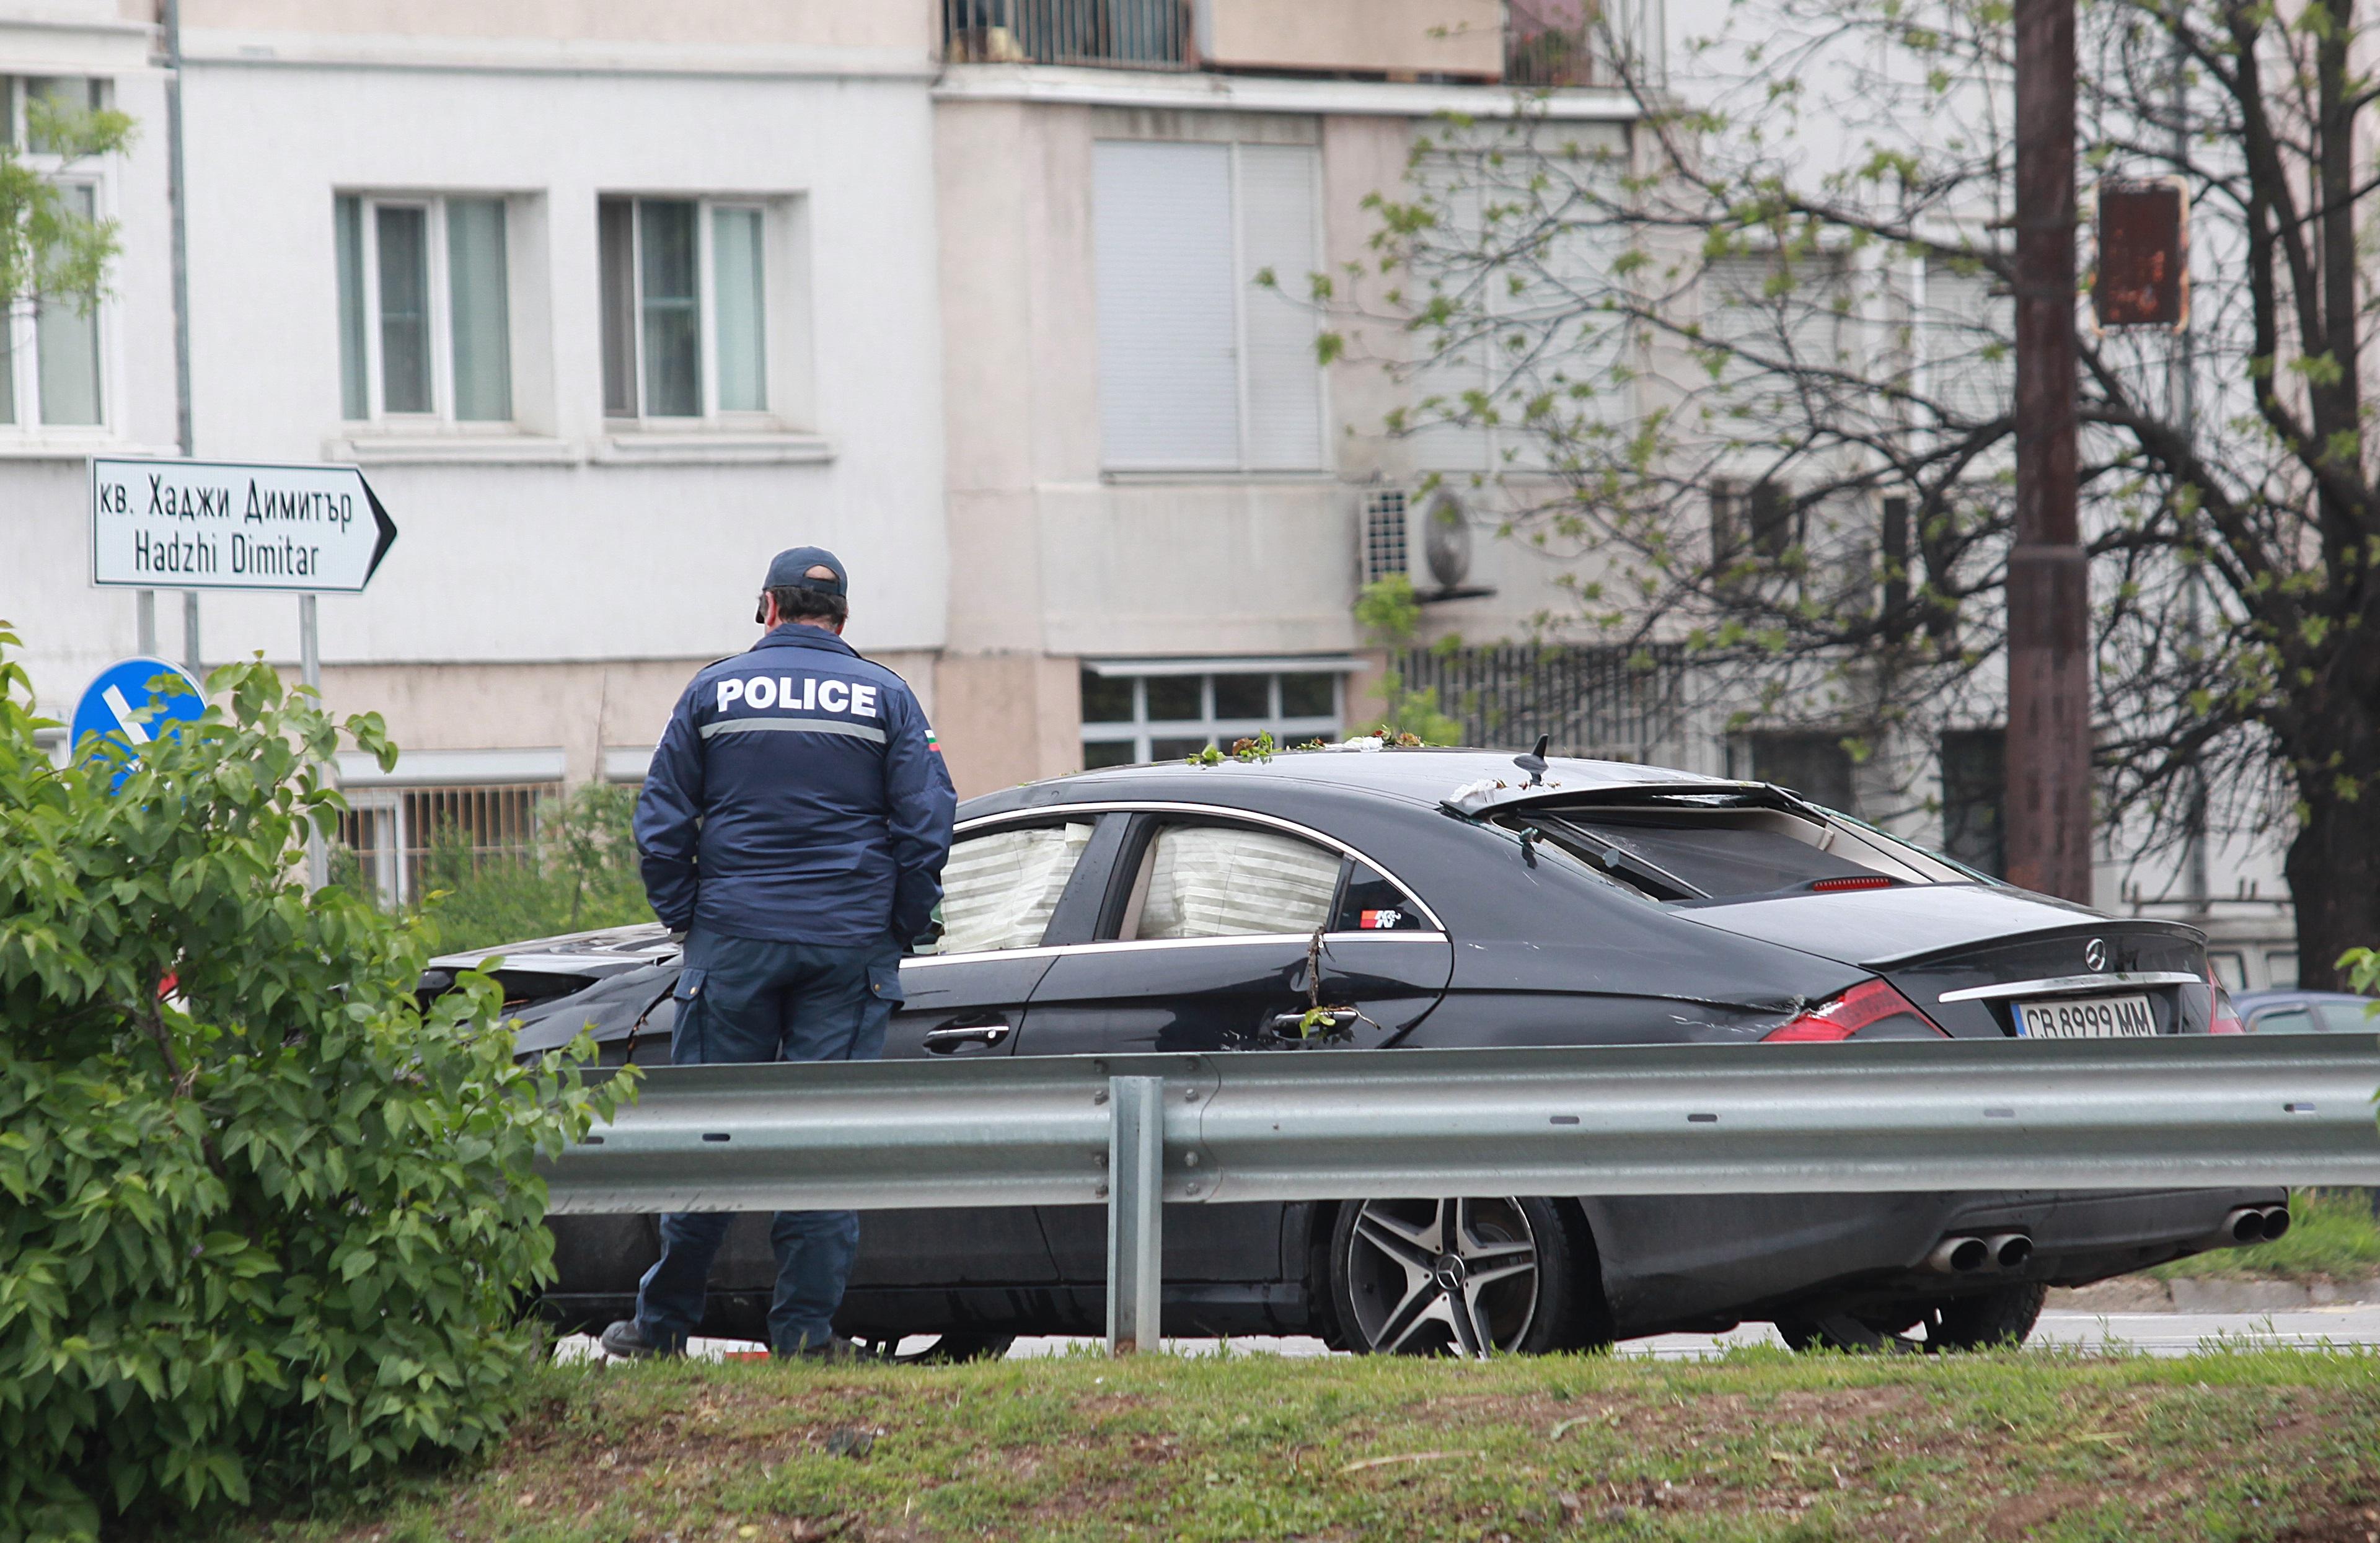 """Кола блъсна четири деца, след което се преобърна в река в София. Пострадали са три момичета на 17 години и едно момче на 16. Едното от децата е с открита фрактура, разказаха очевидци. Две от децата паднали в реката след сблъсъка, те имат височинни травми. Инцидентът станал на бул. """"Владимир Вазов"""", в близост до стадион """"Георги Аспарухов"""". Сигналът е подаден в 13.45 ч."""